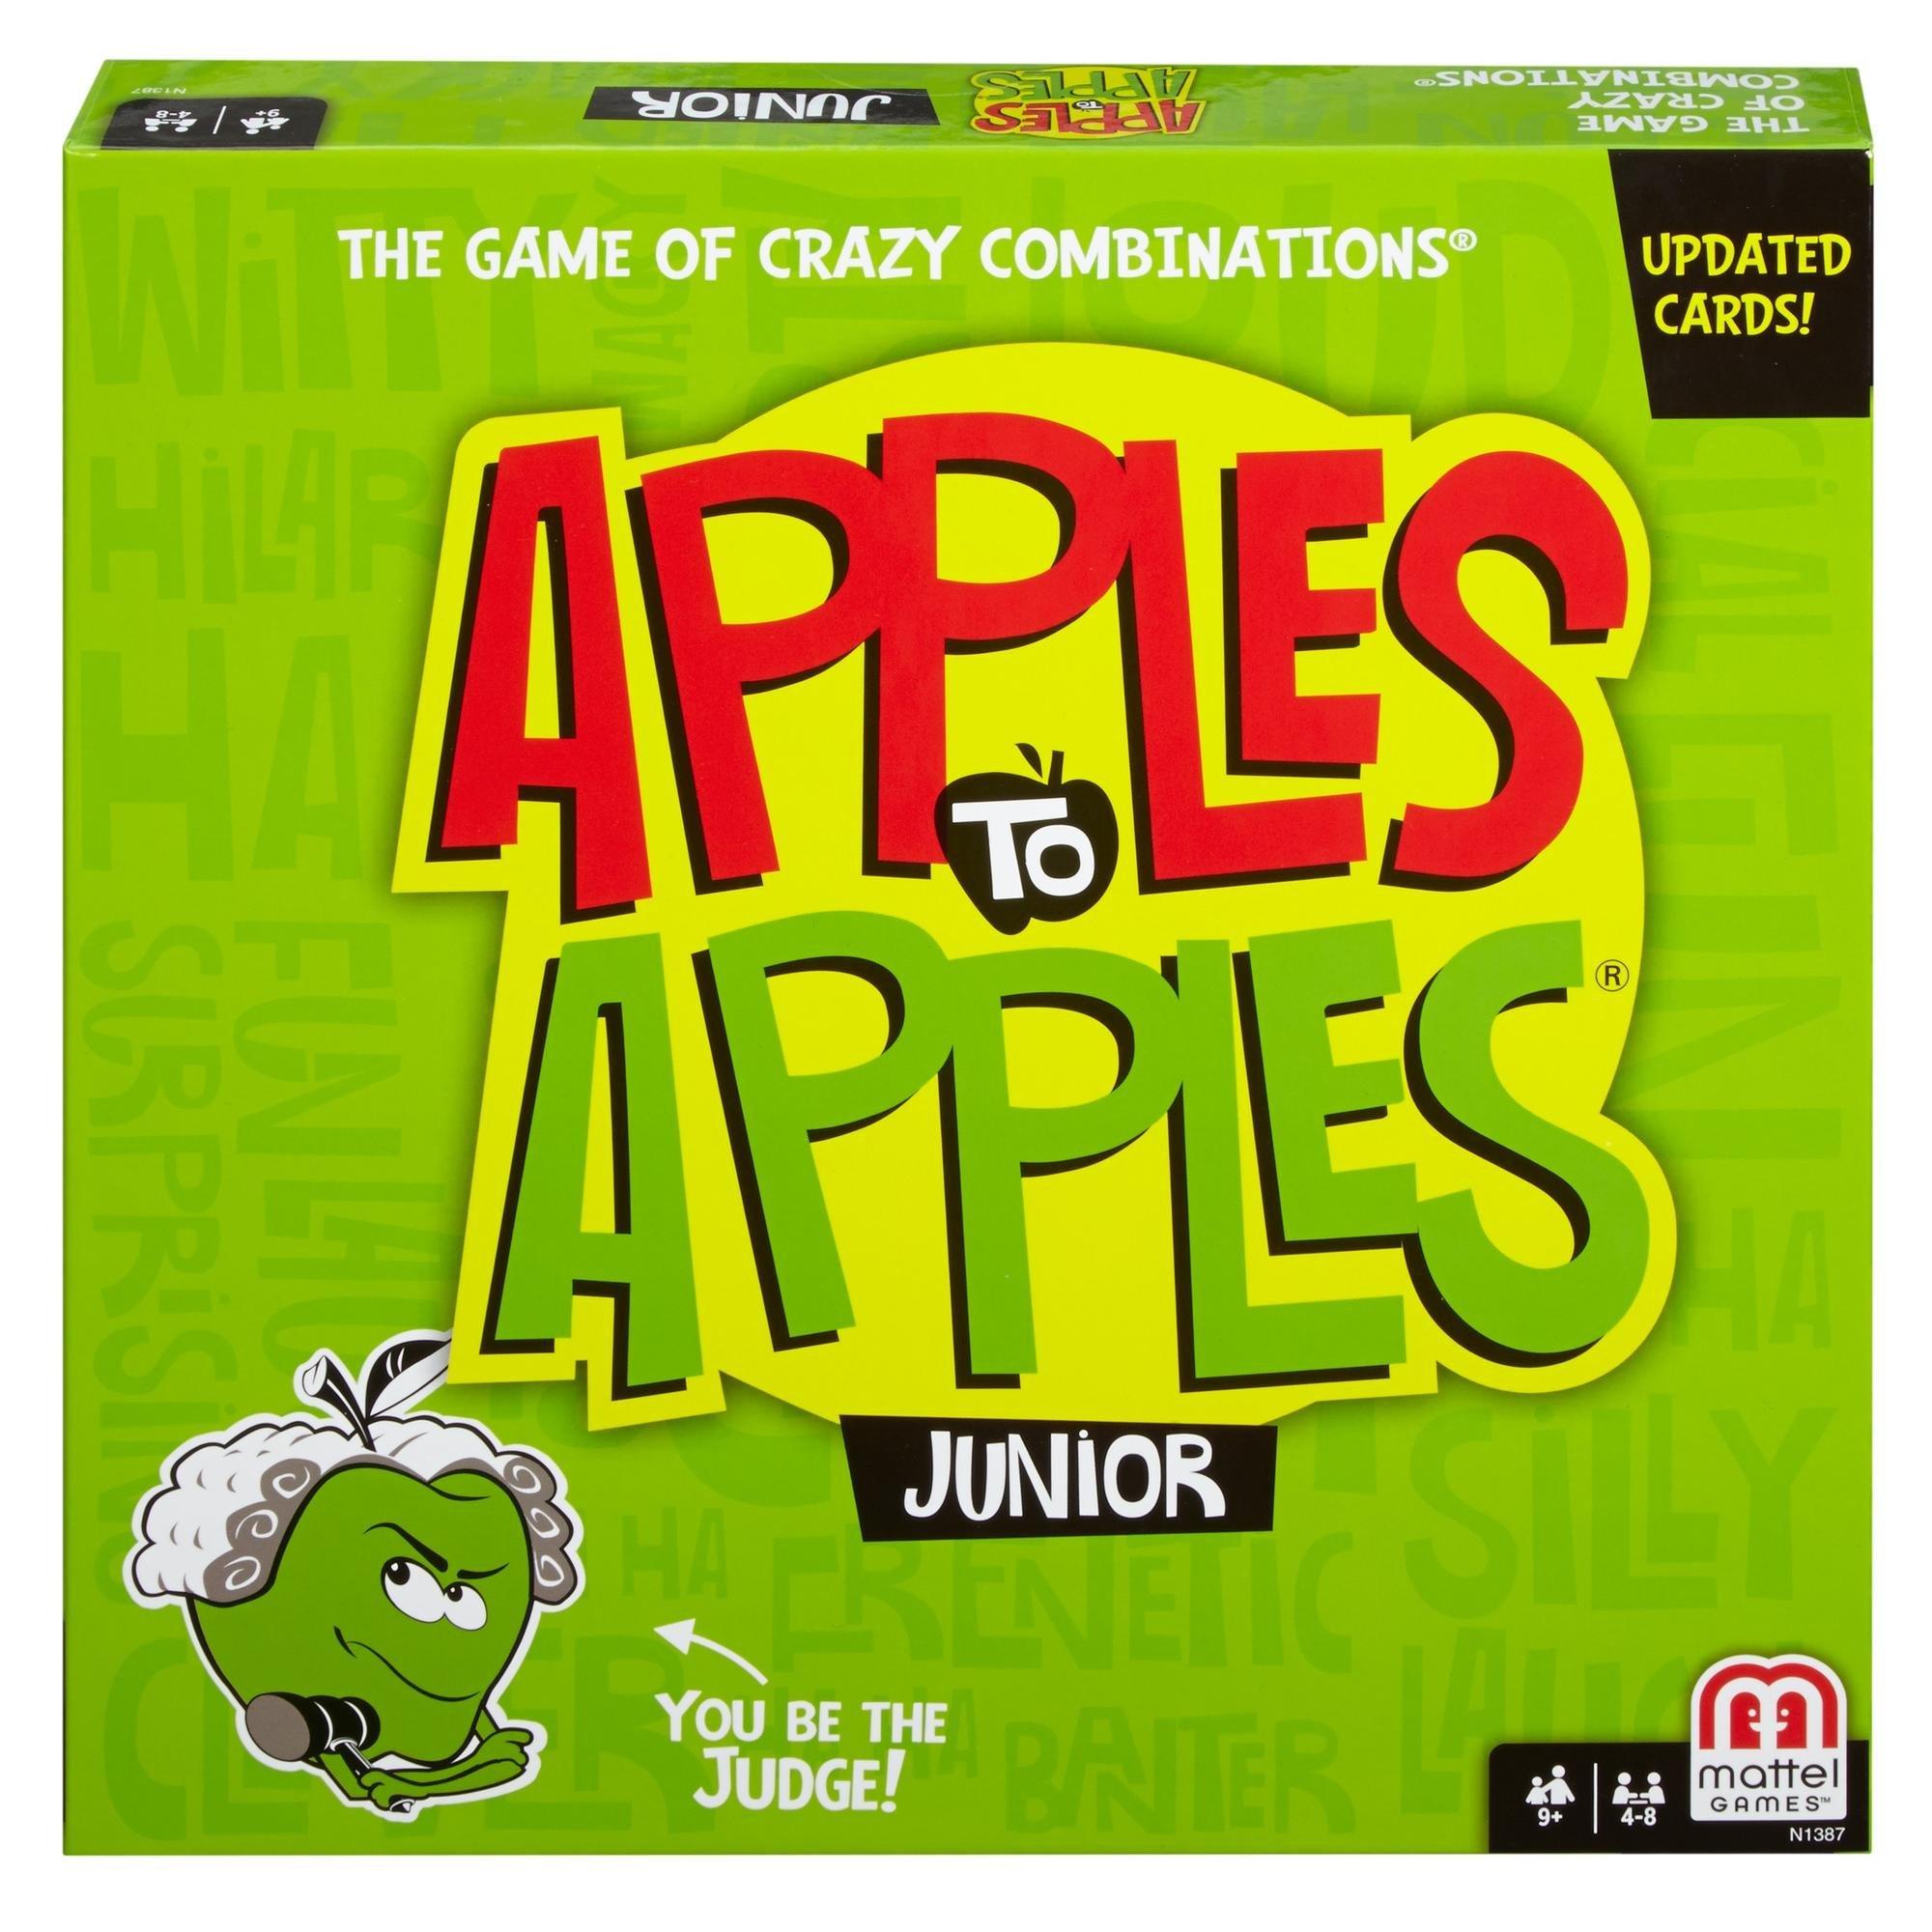 Mattel Games Apples Junior Comparisons